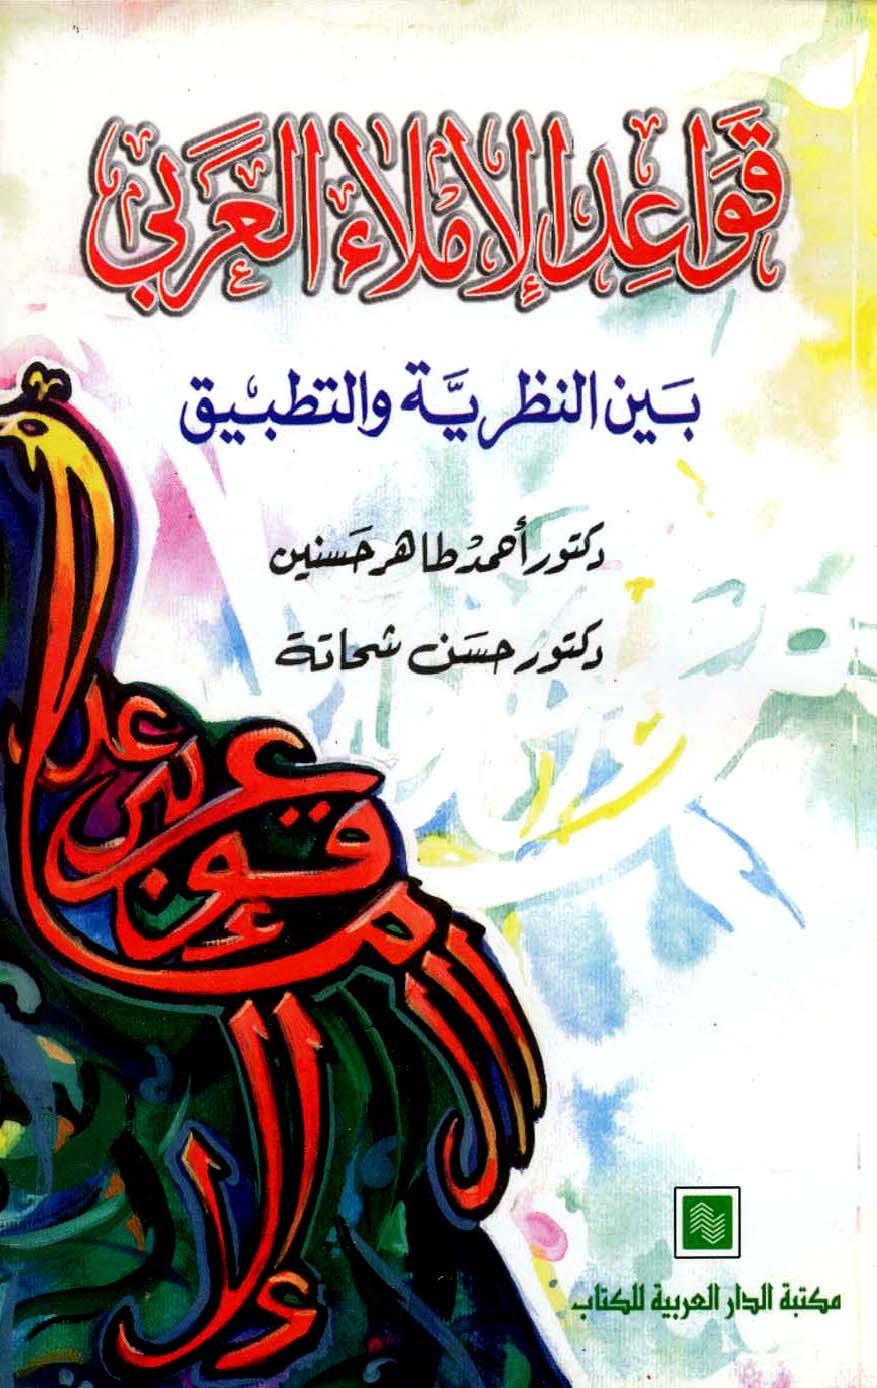 تحميل كتاب قواعد الإملاء العربي بين النظرية والتطبيق تأليف حسن شحاتة - أحمد طاهر حسنين pdf مجاناً | المكتبة الإسلامية | موقع بوكس ستريم